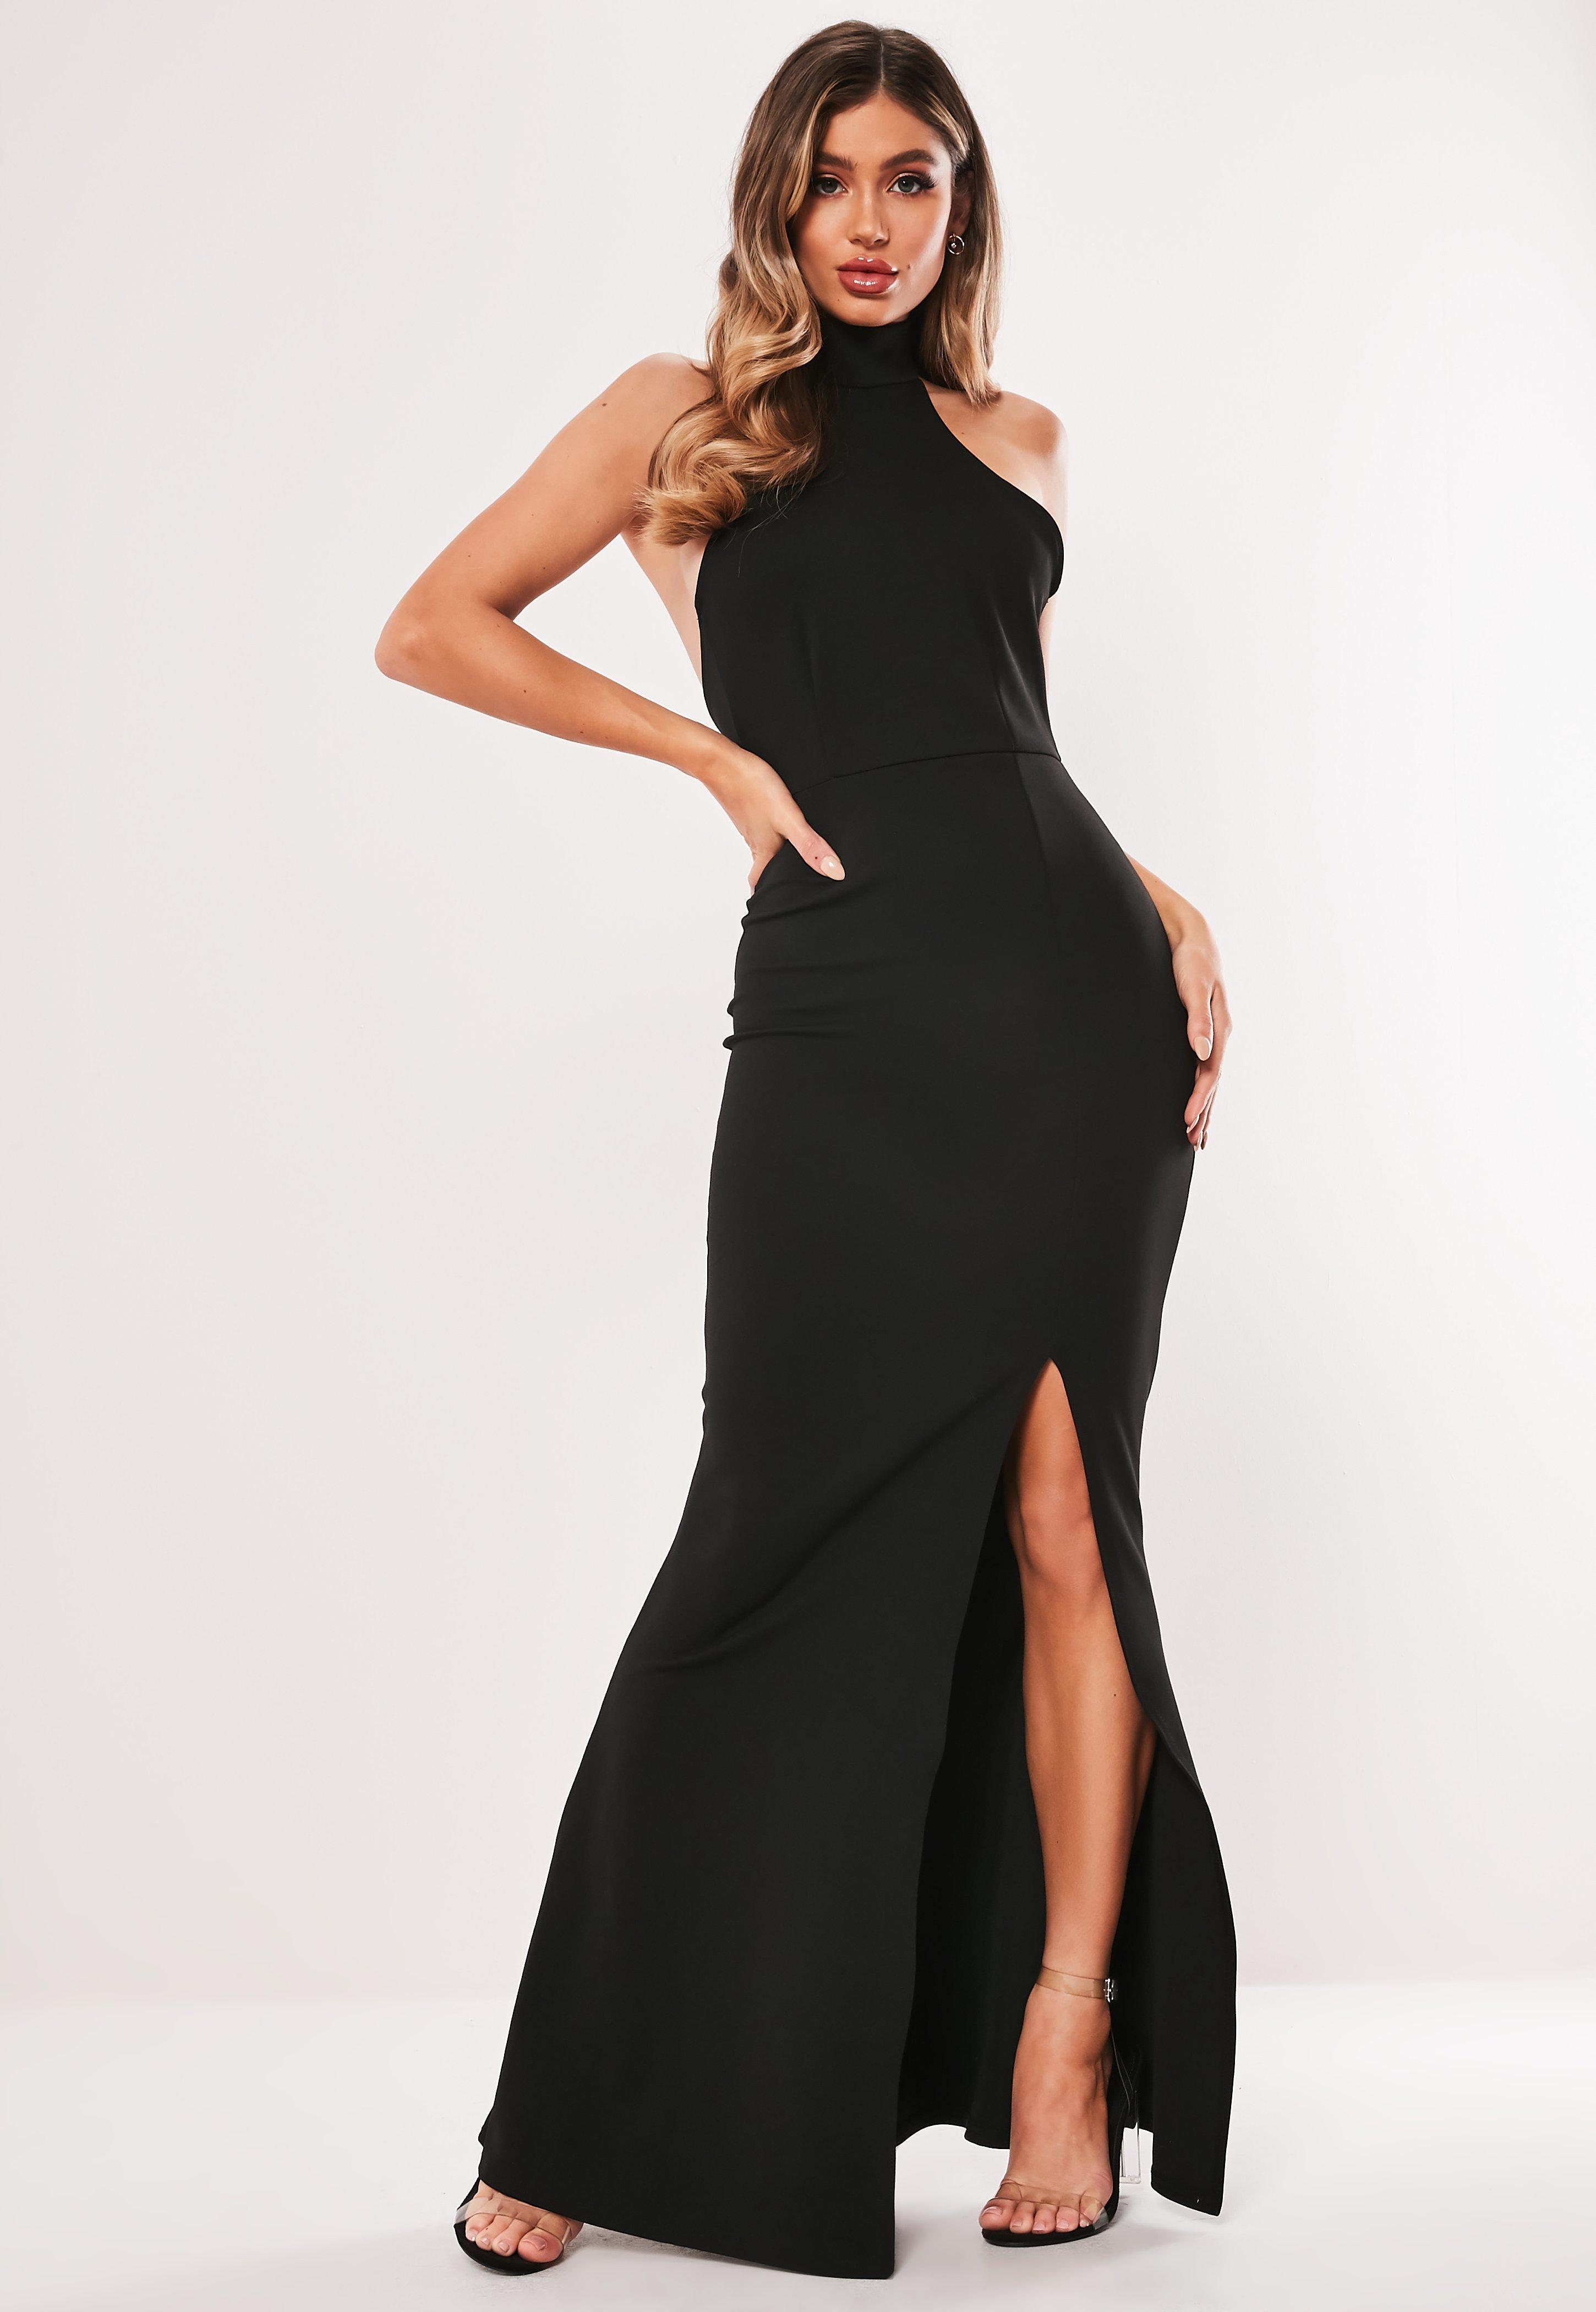 Cuando usar un vestido negro largo